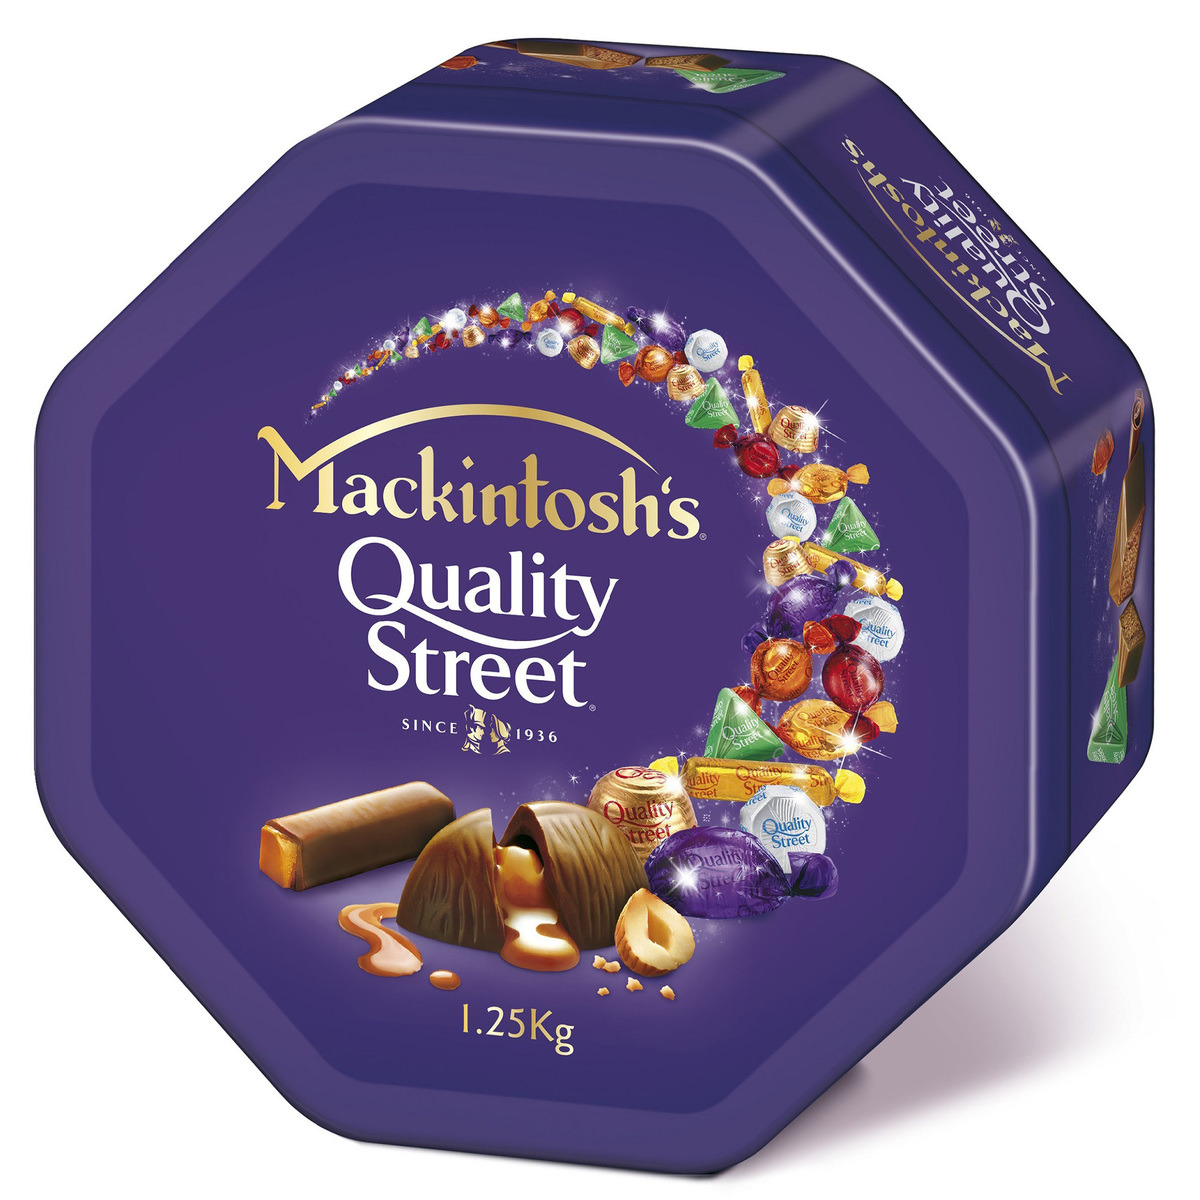 MACKINTOSH QUALITY STREET 1.25 KG